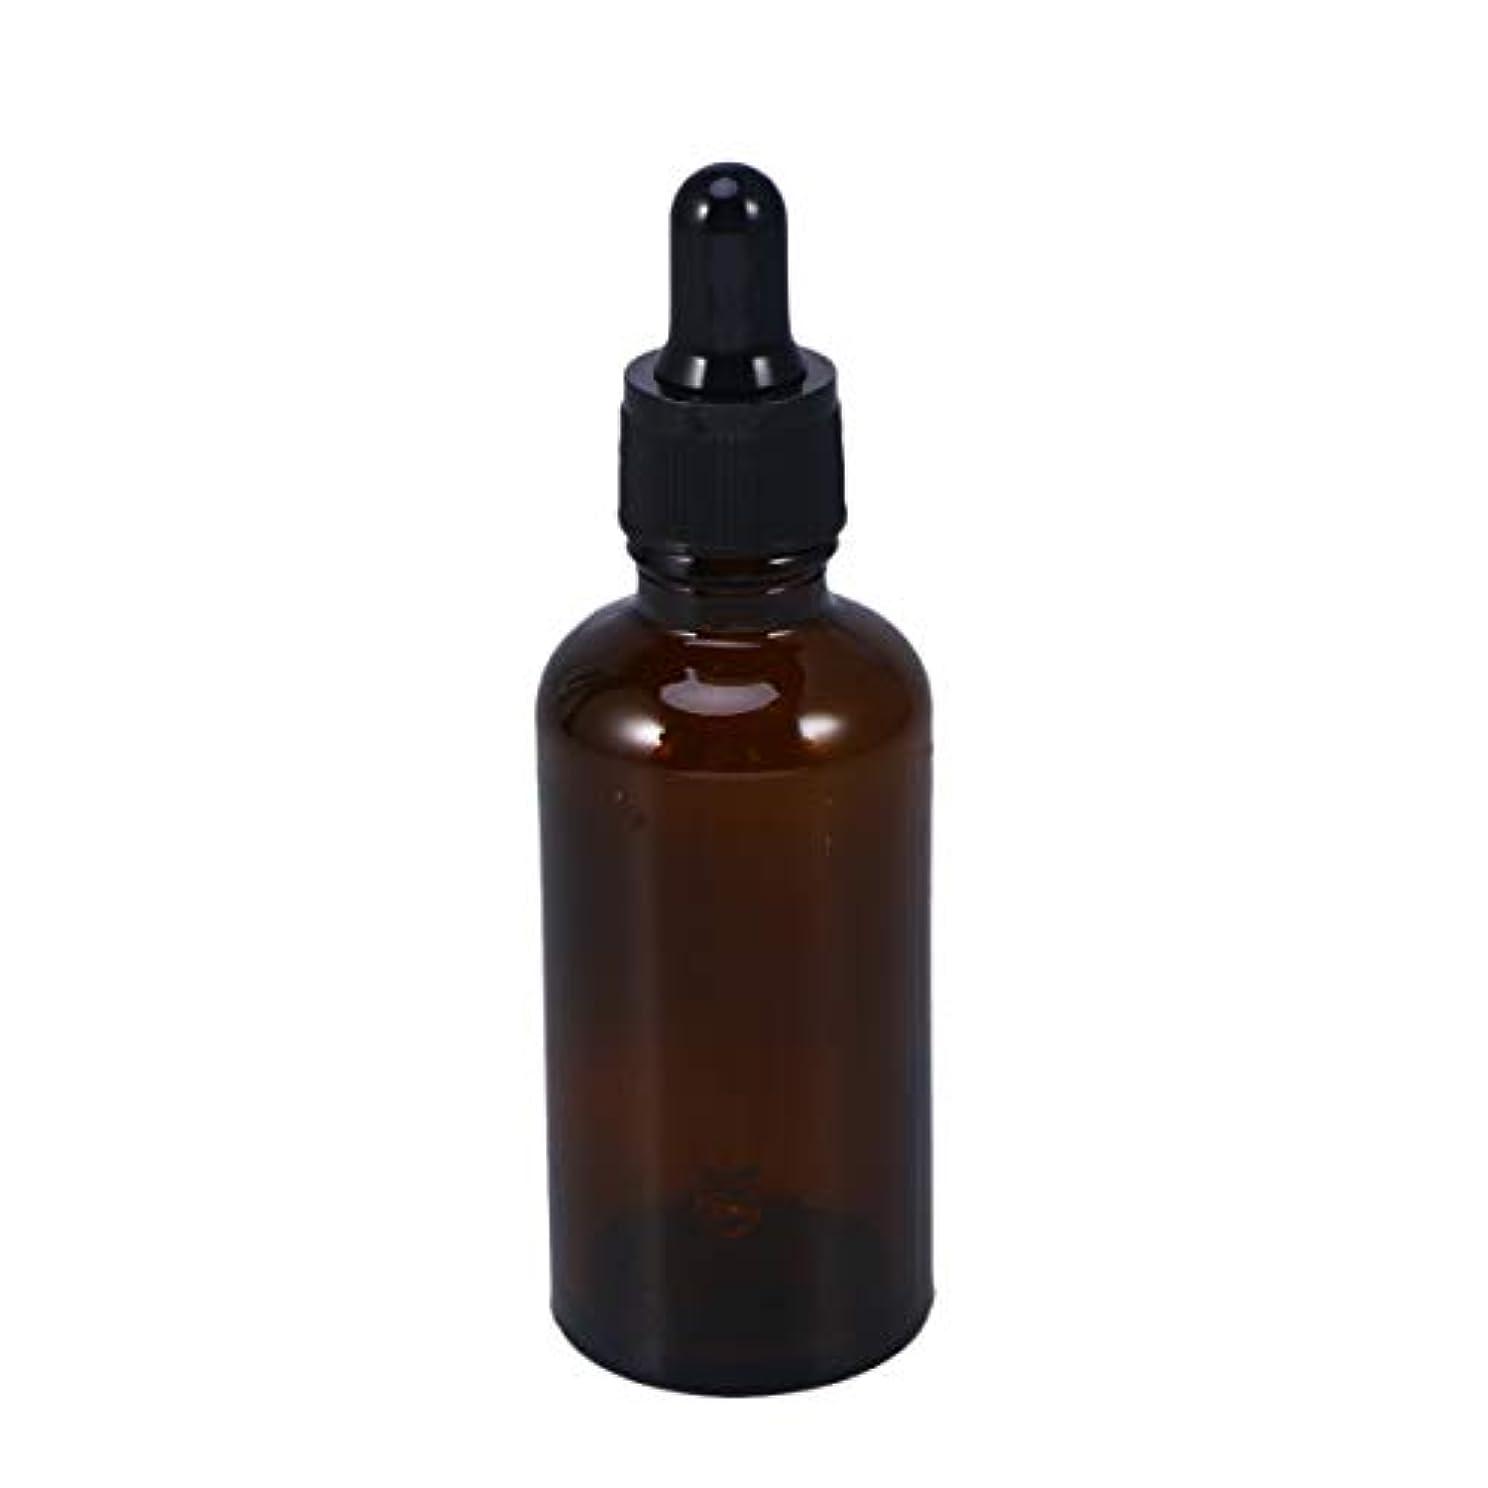 タップホステス宙返りFrcolor 遮光瓶 スポイト遮光瓶 スポイト付き アロマボトル 50ml 保存容器 エッセンシャルオイル 香水 保存用 詰替え ガラス 茶色